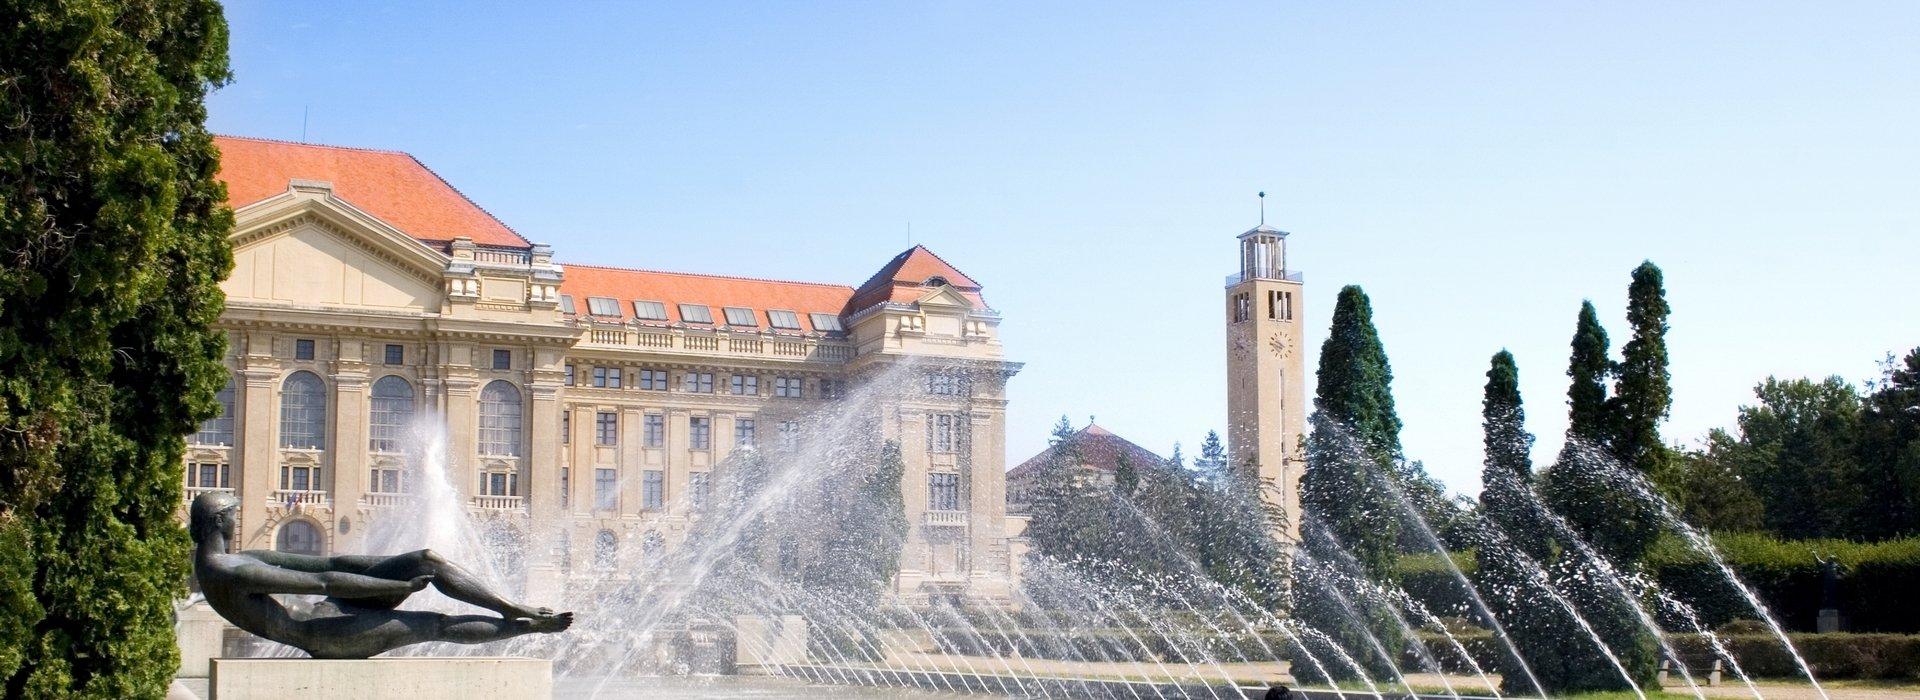 Debrecen Szabadidő